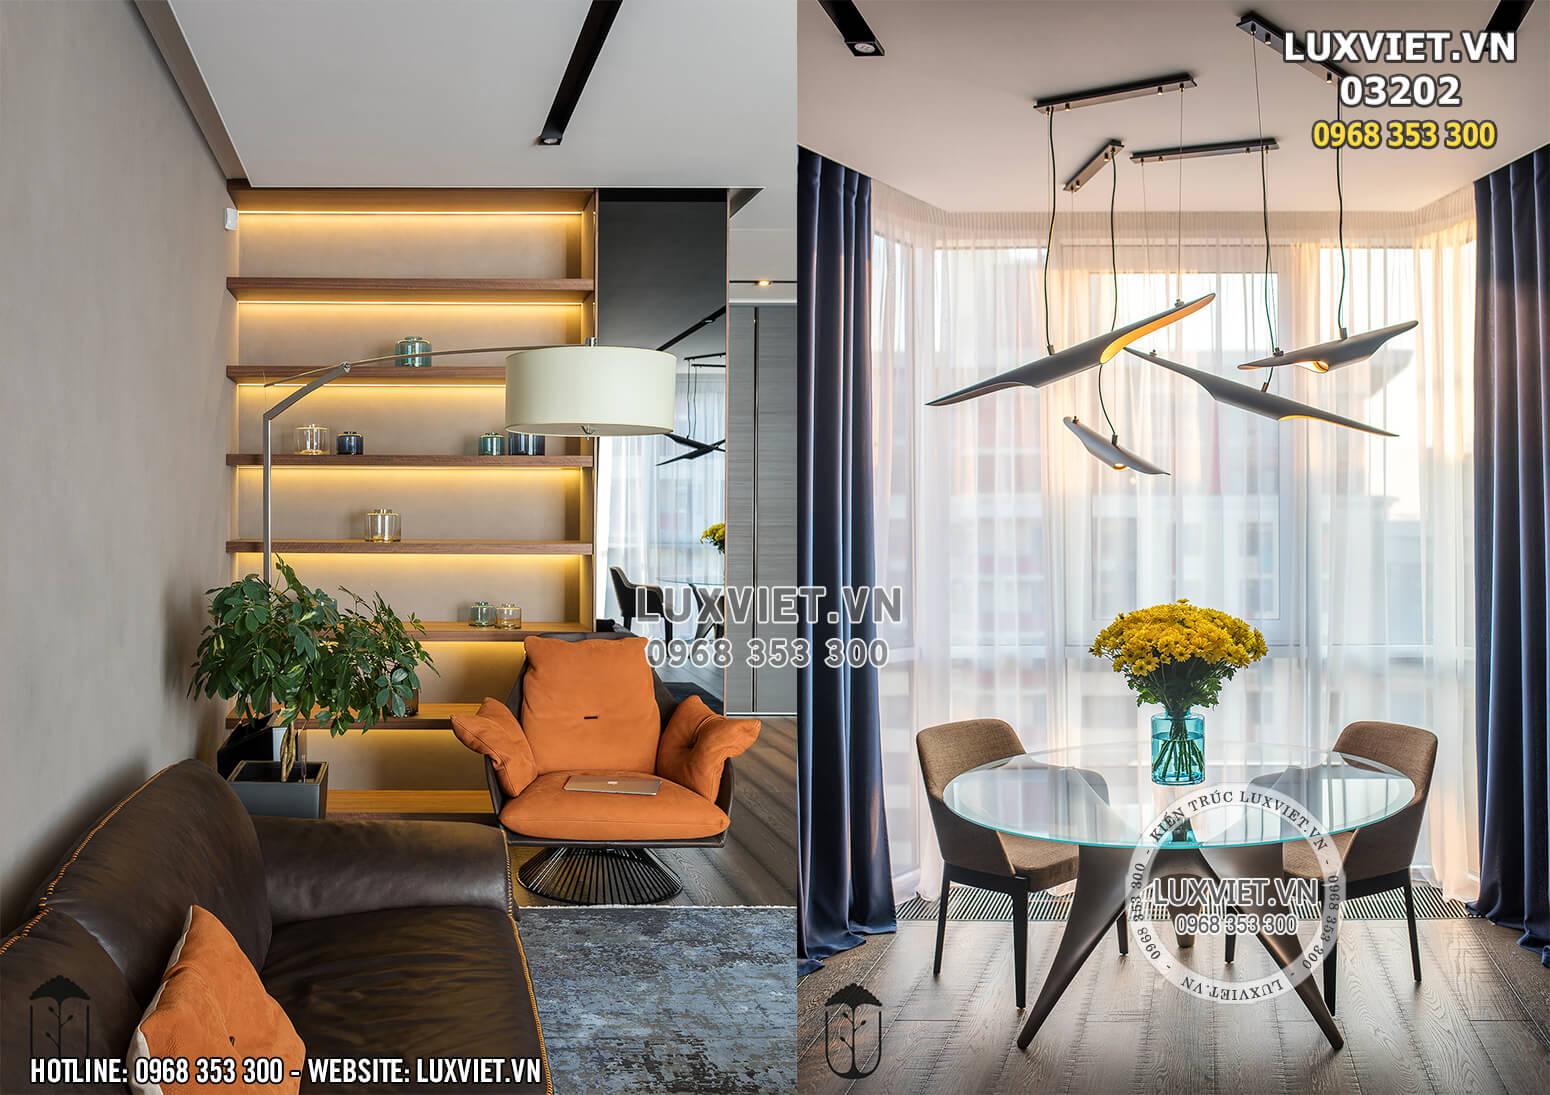 Hình ảnh: Chi tiết nội thất chung cư đẹp - LV 03202